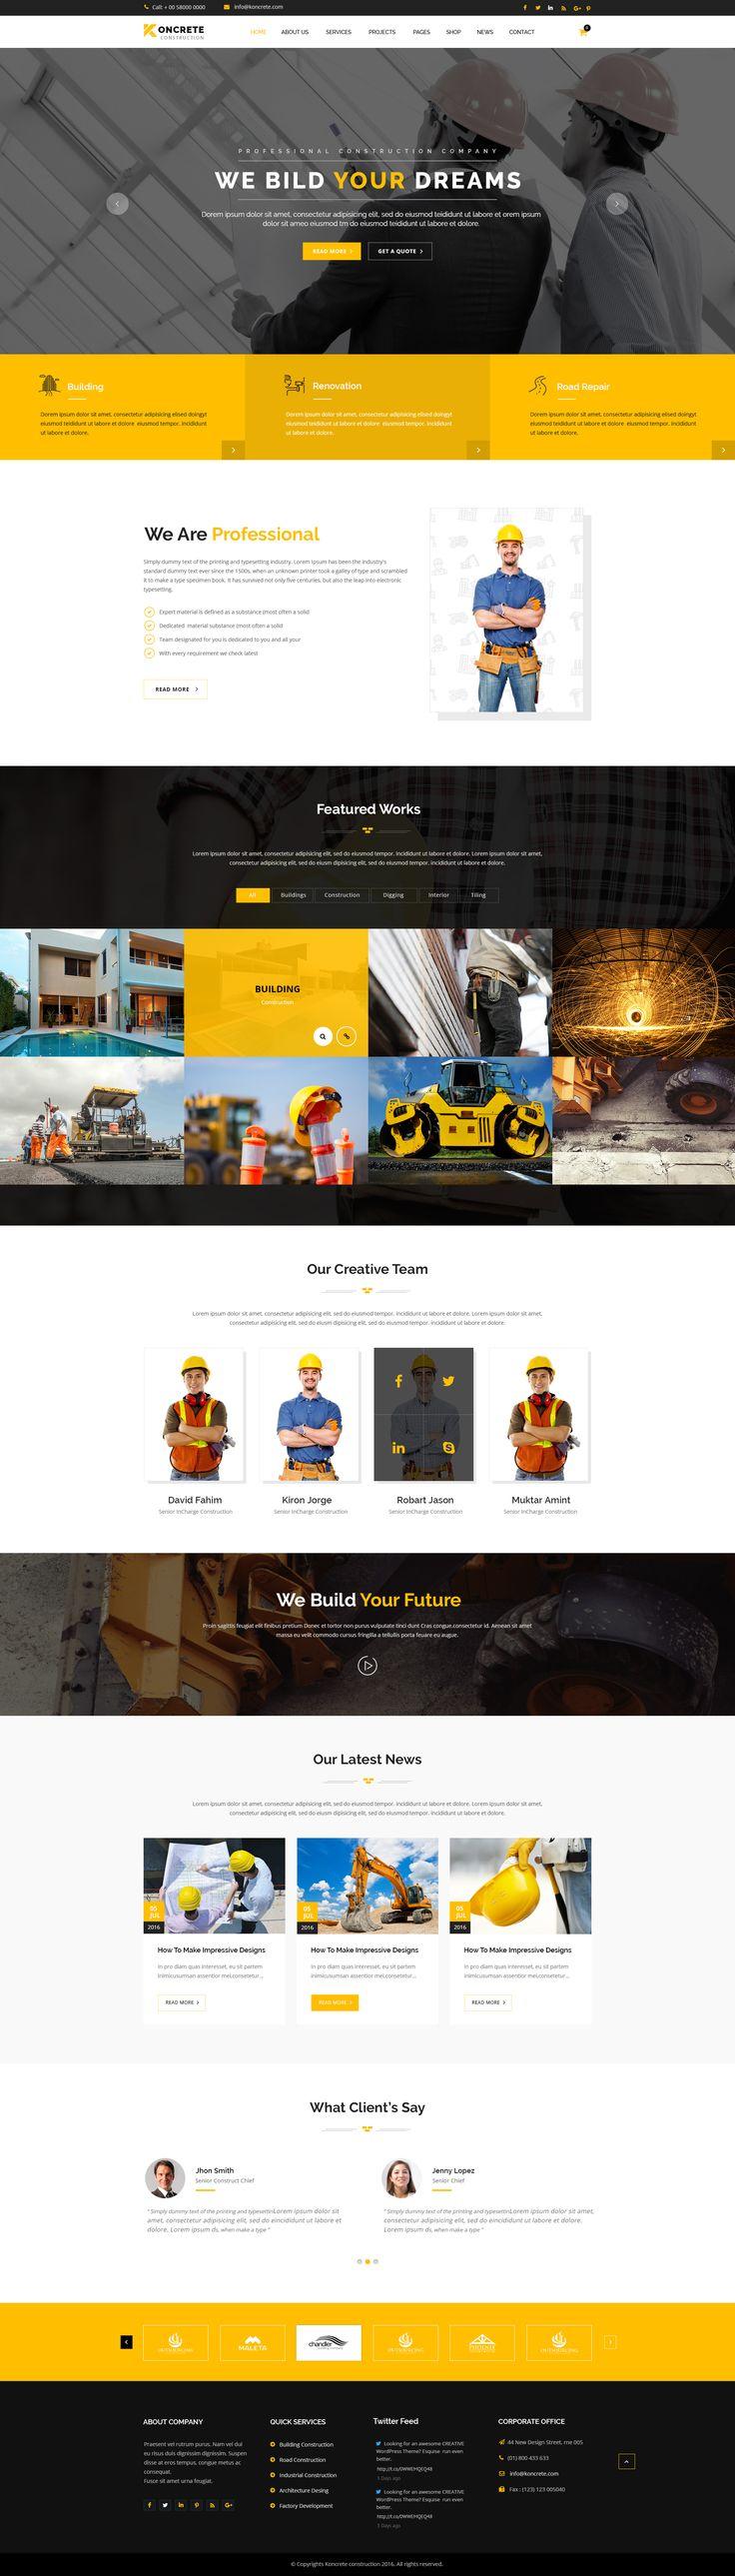 Koncrete - Construction & Building PSD Template • Download ➝ https://themeforest.net/item/koncrete-construction-building-psd-template/16588542?ref=pxcr